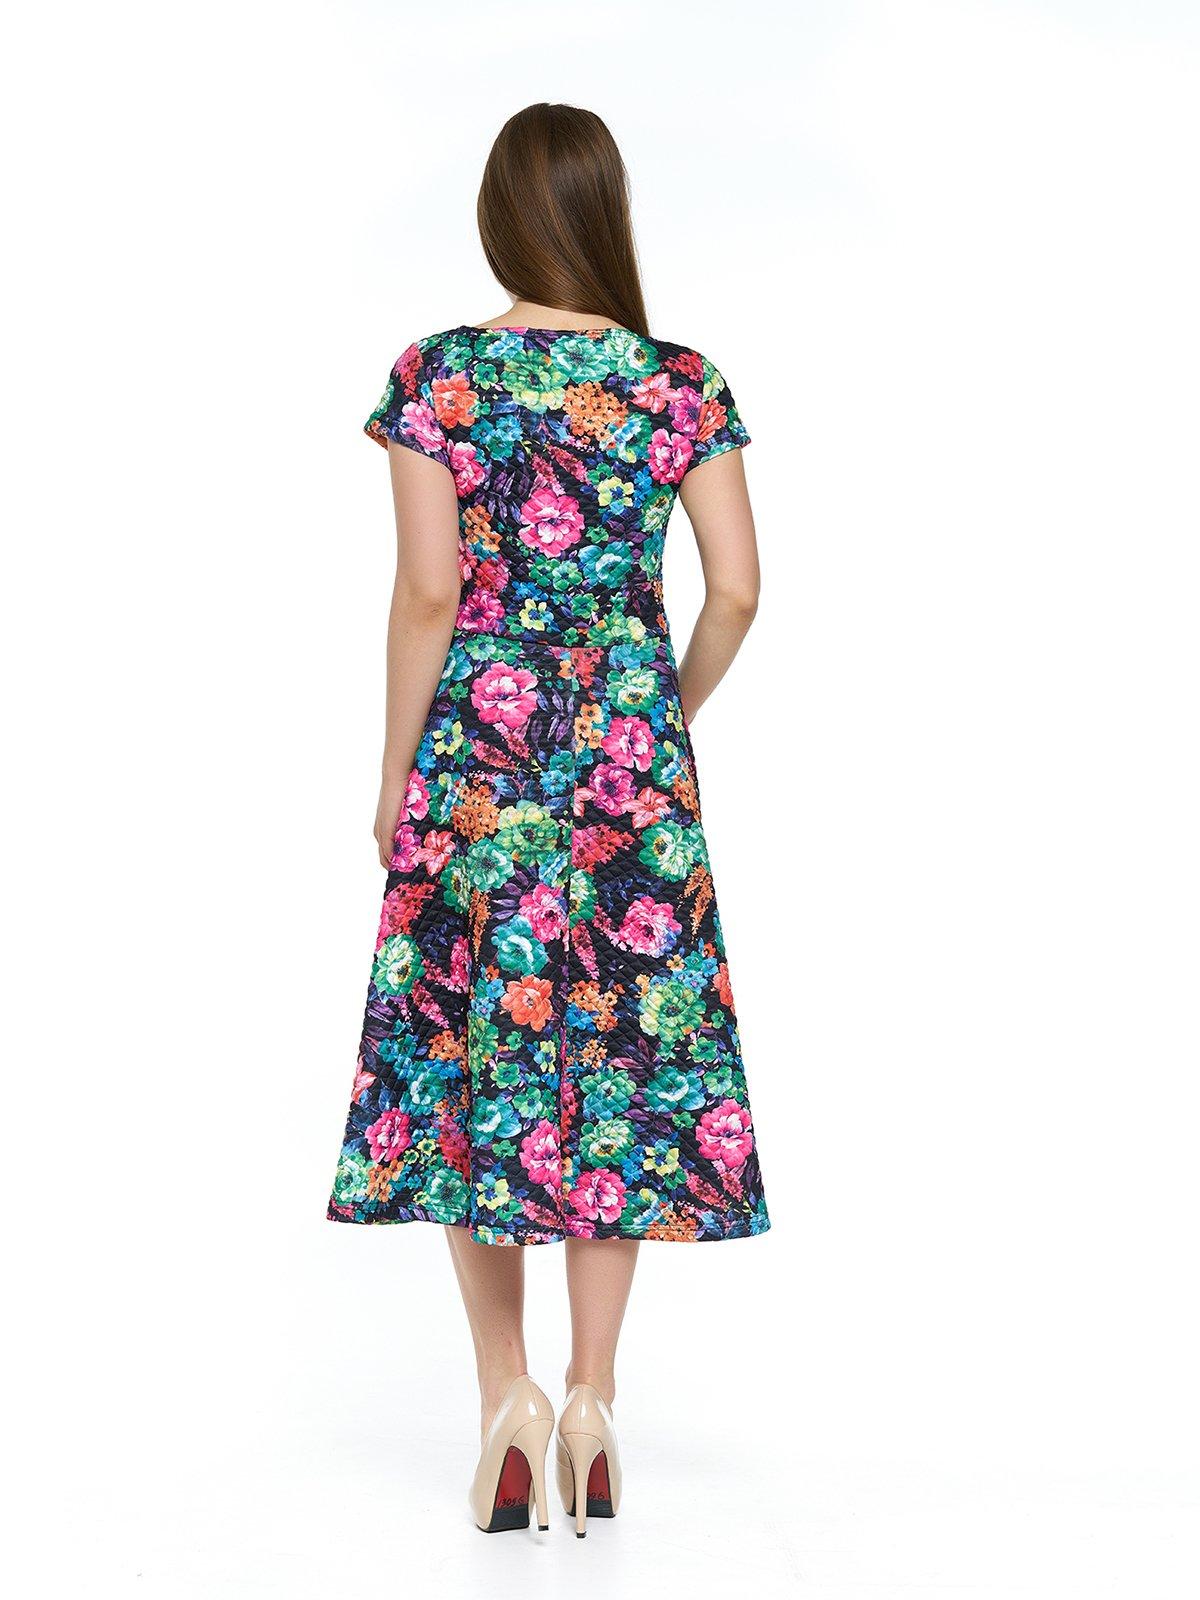 Сукня в квітковий принт | 3264145 | фото 2